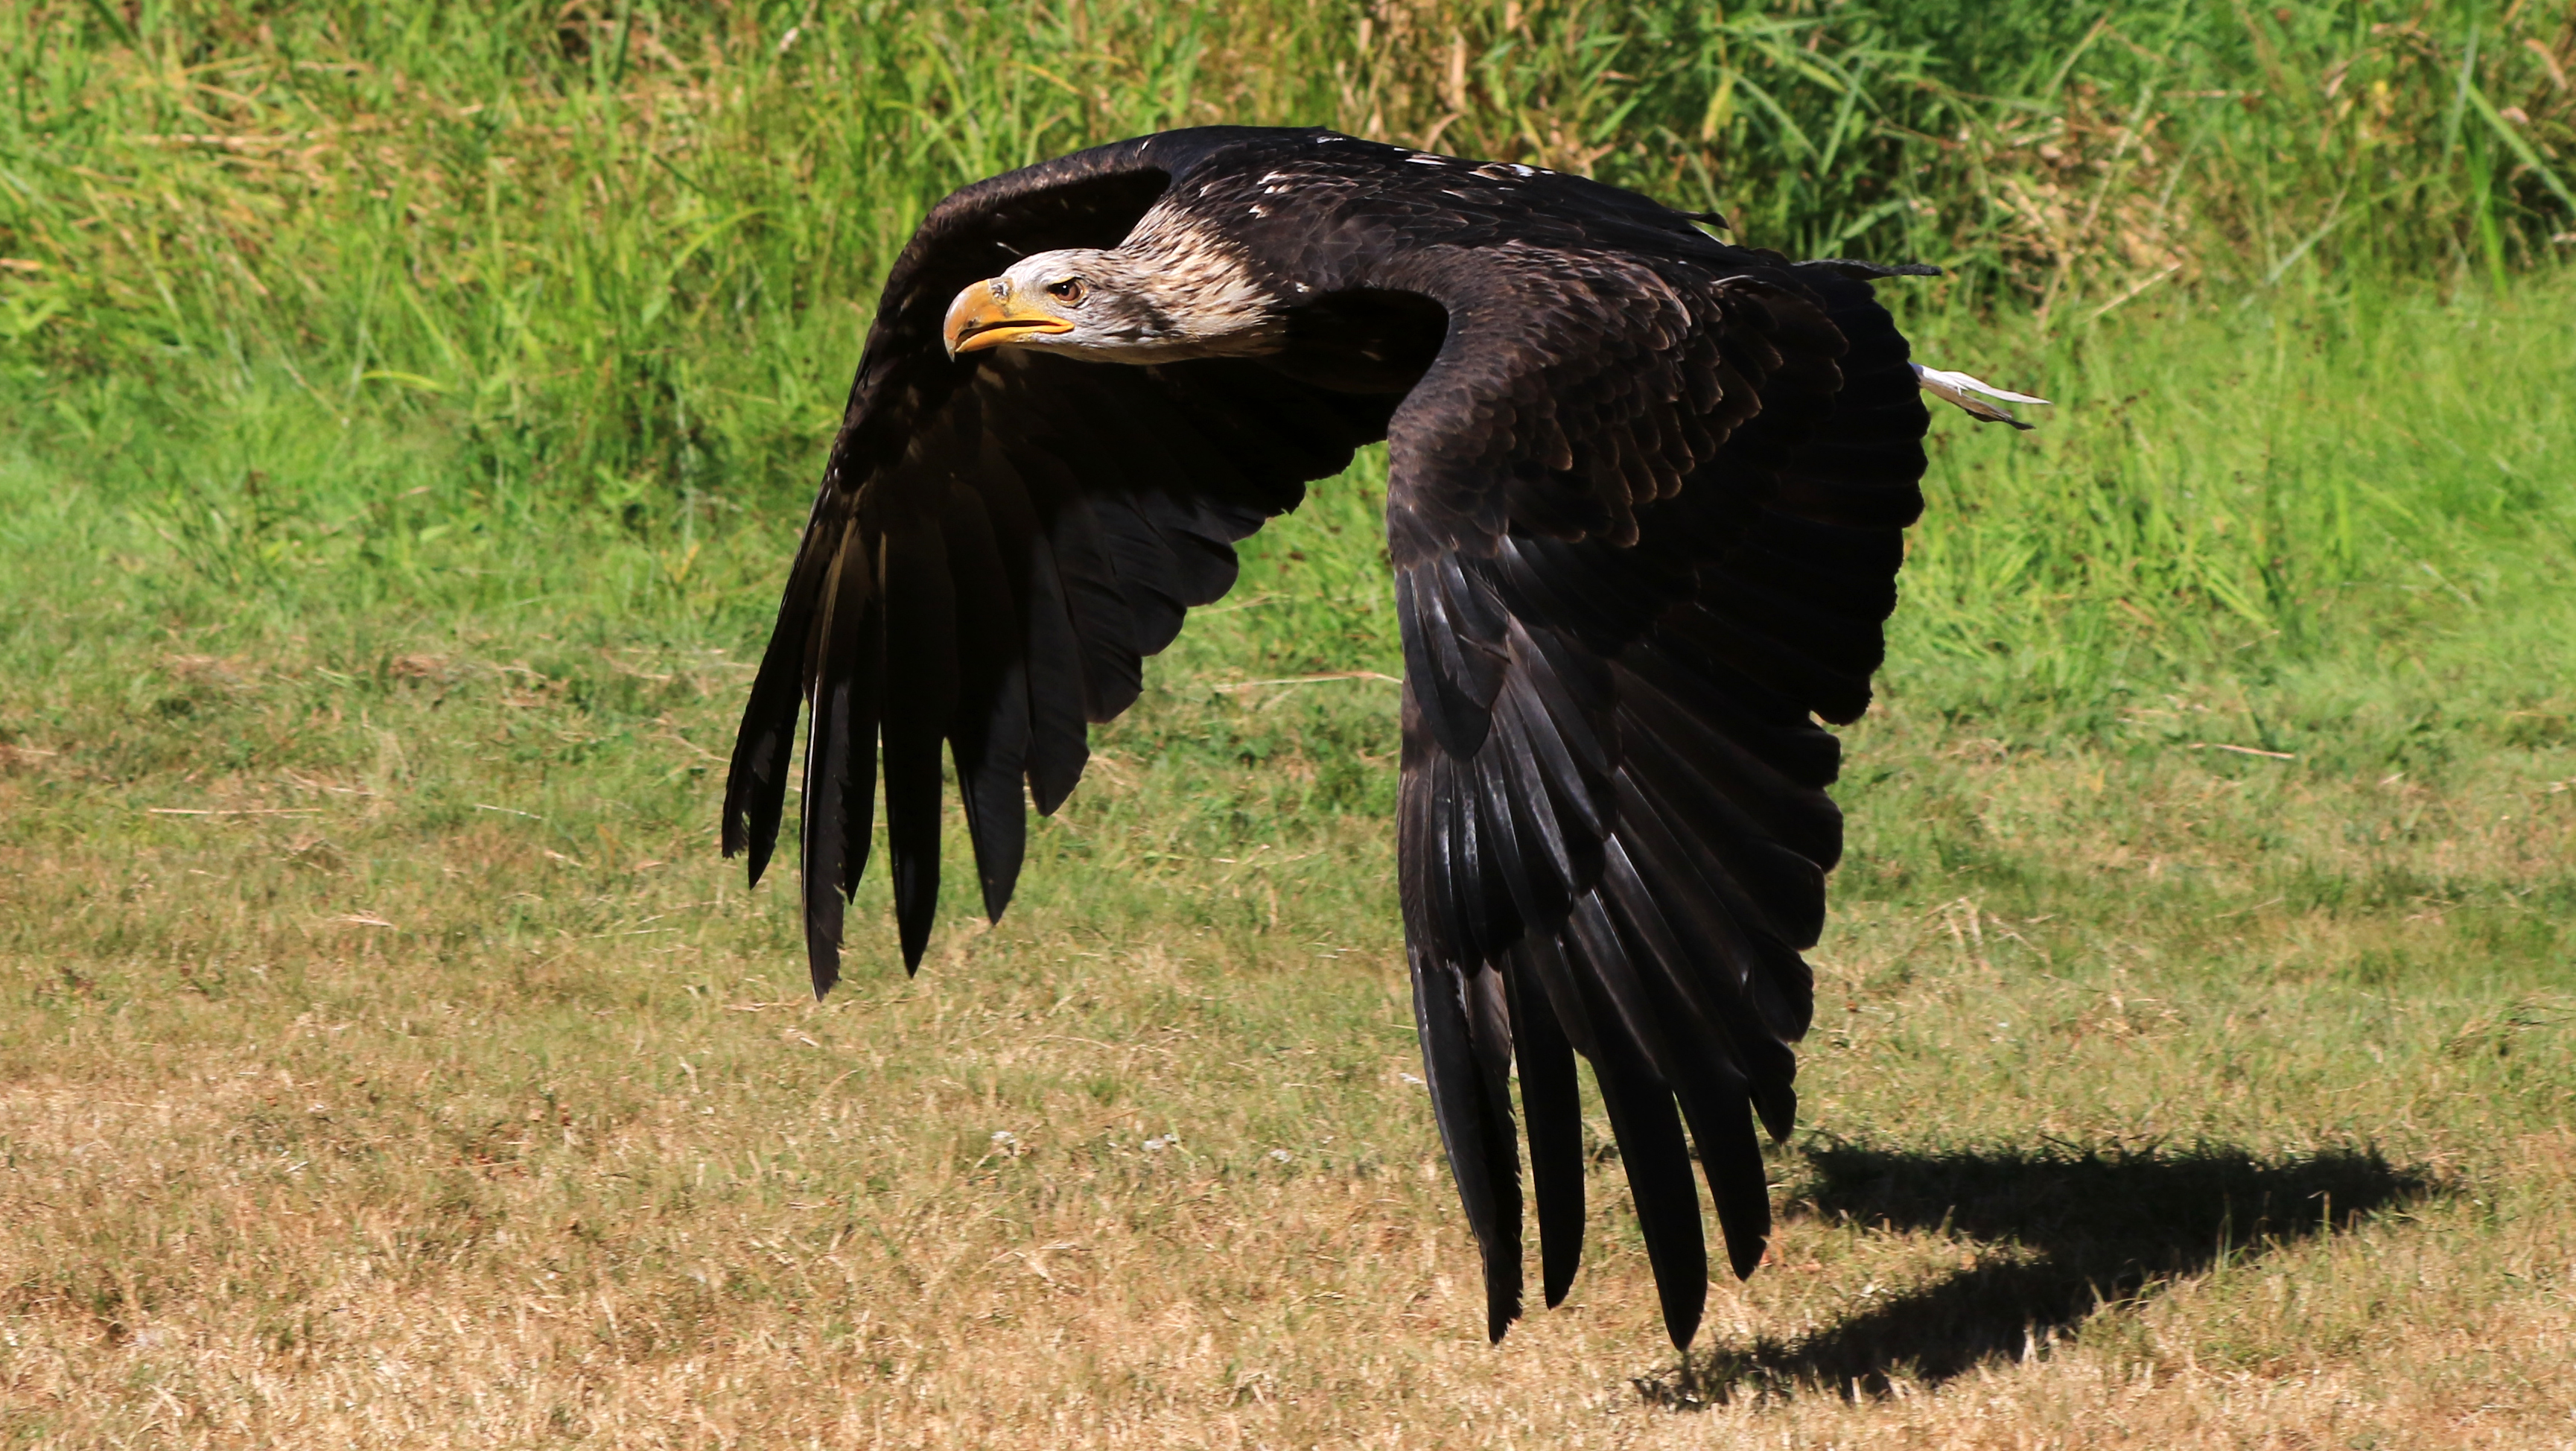 BC Vancouver Island Duncan Raptors Golden Eagle 30 L2.jpg